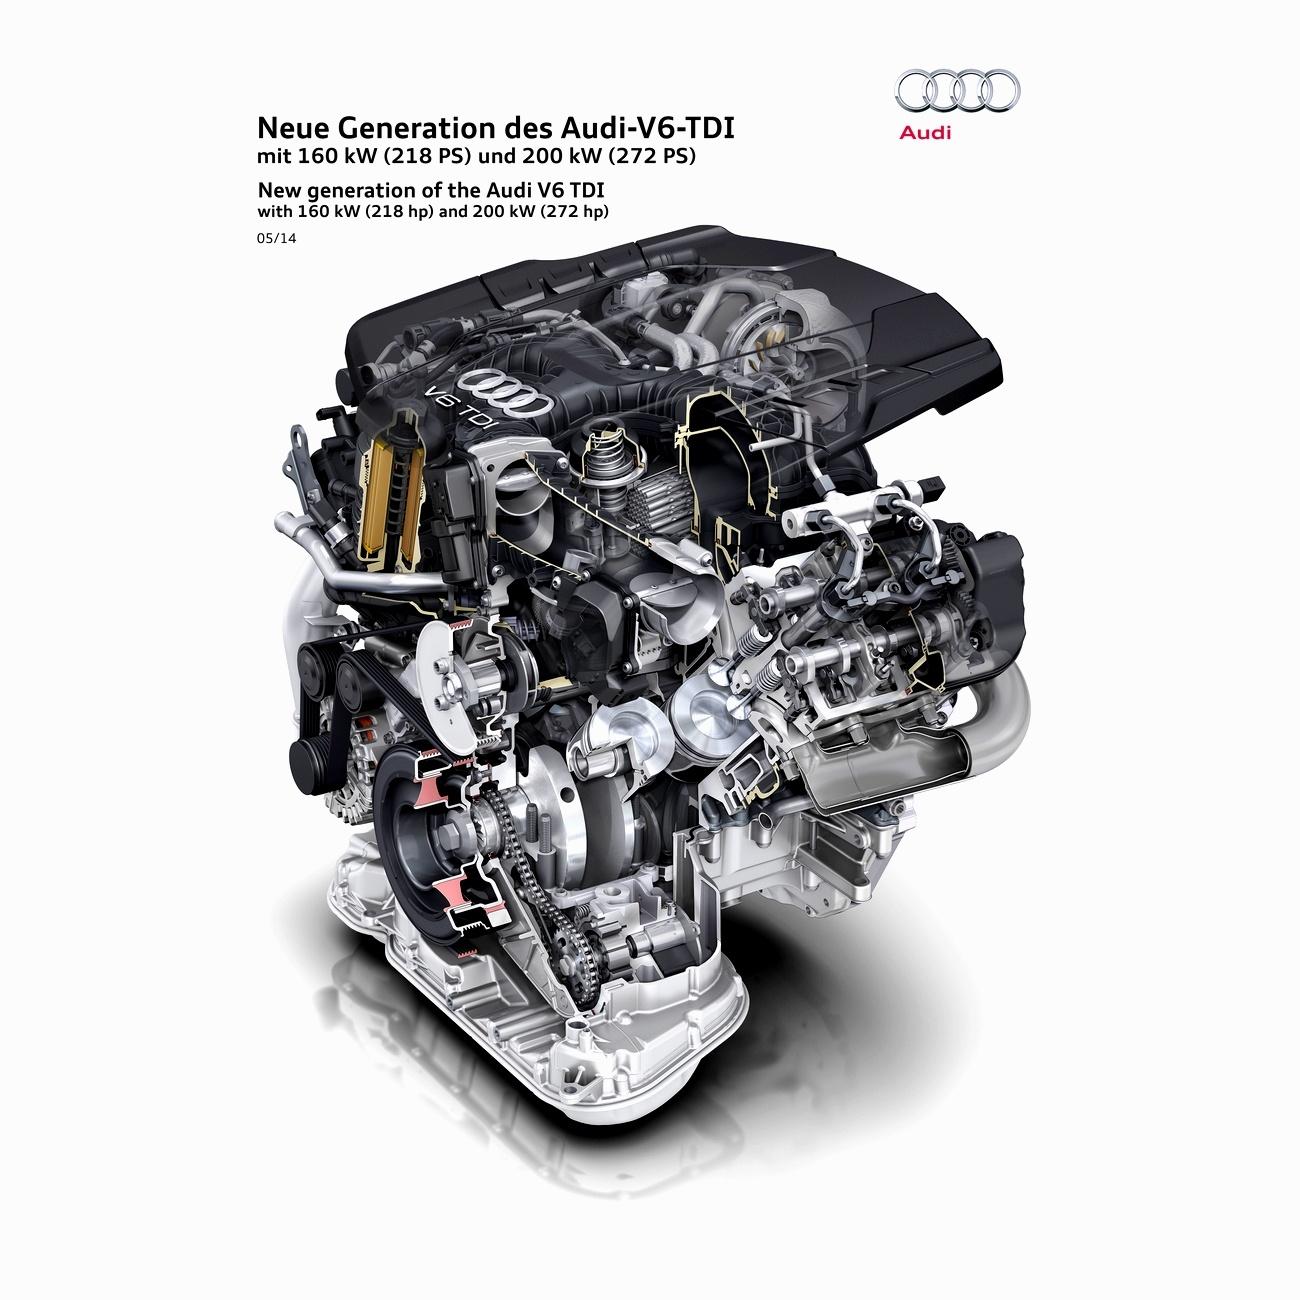 Audi - un nouveau bloc moteur V6 TDI